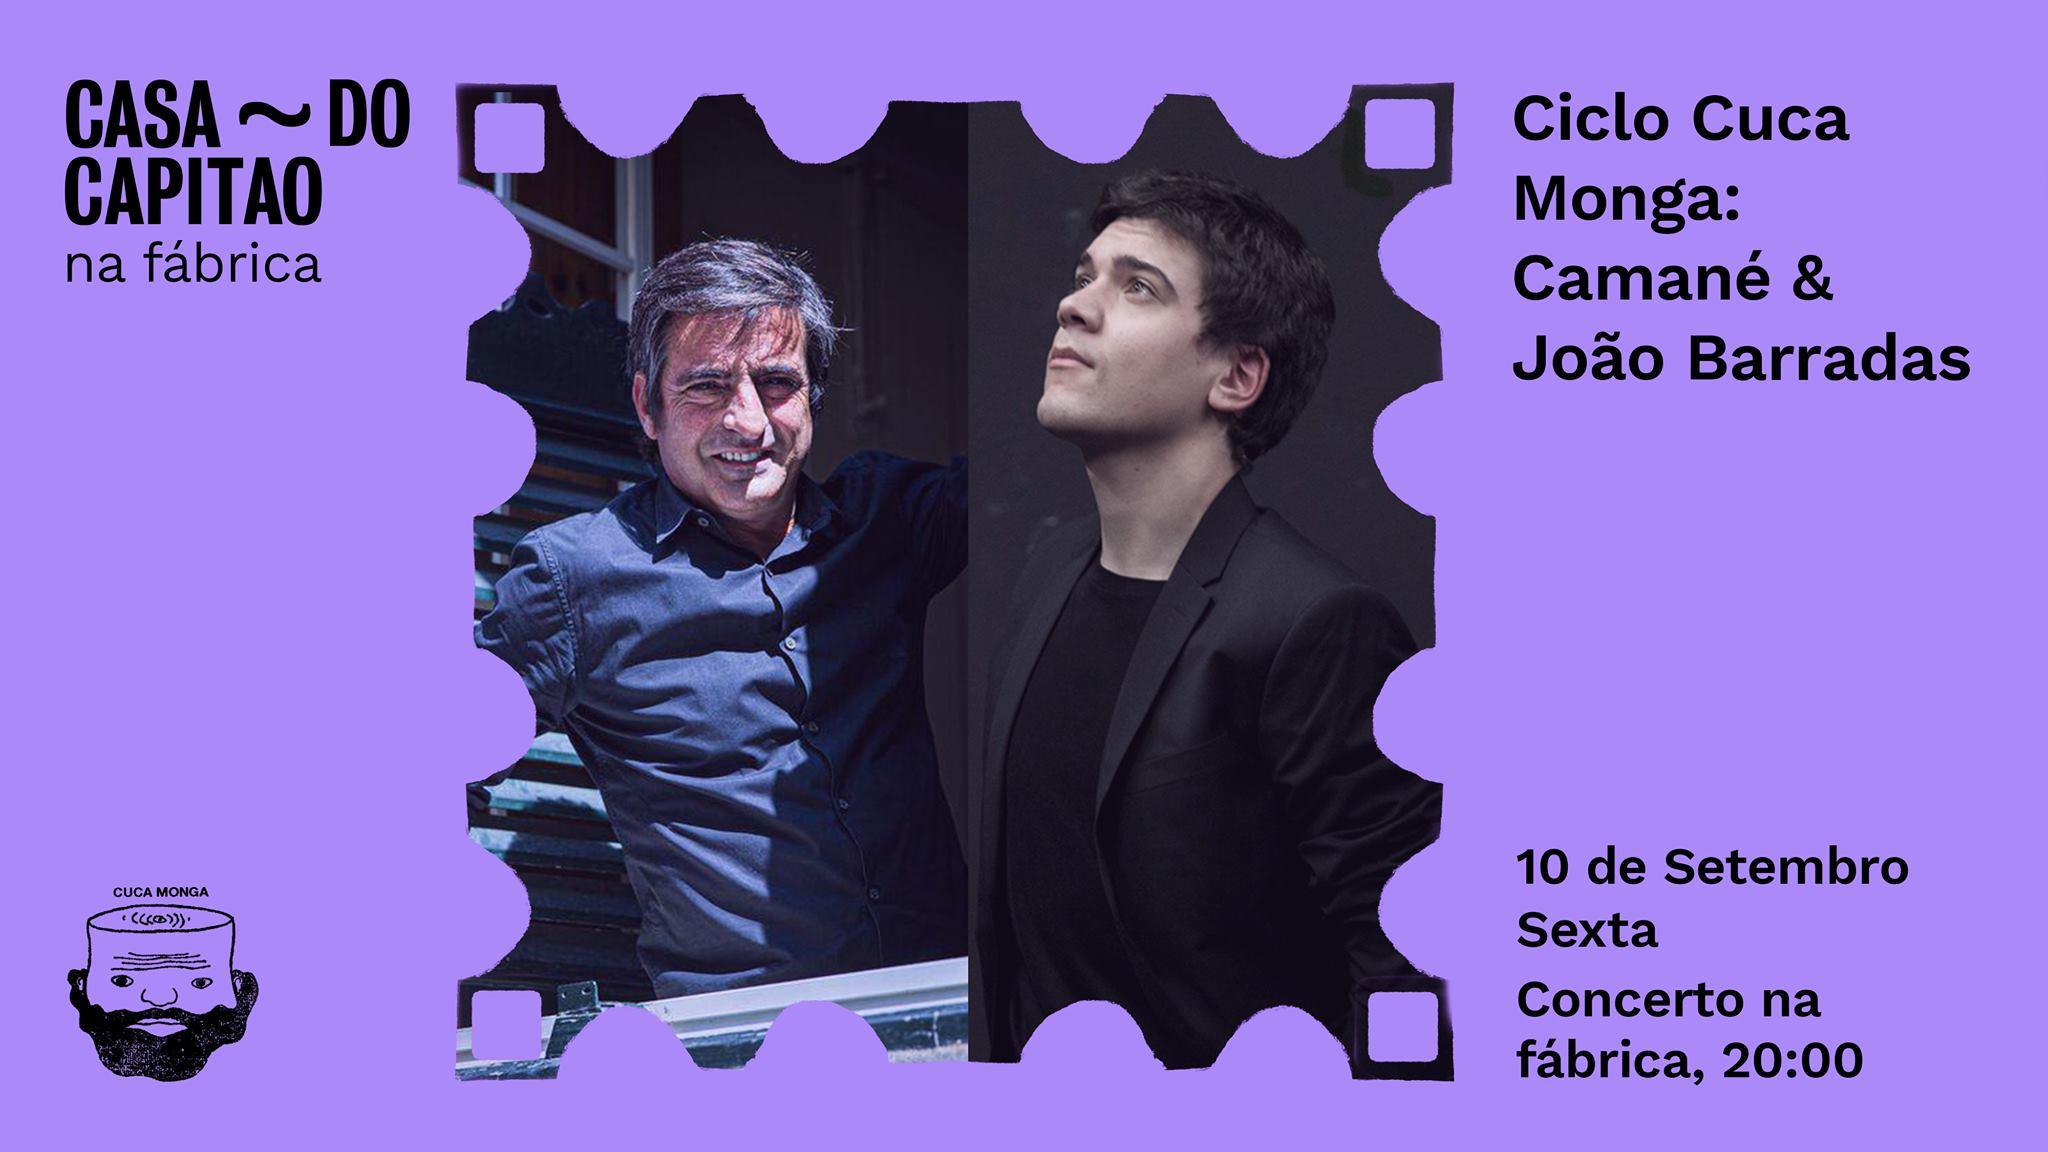 Ciclo Cuca Monga: Camané & João Barradas  • Concerto na fábrica